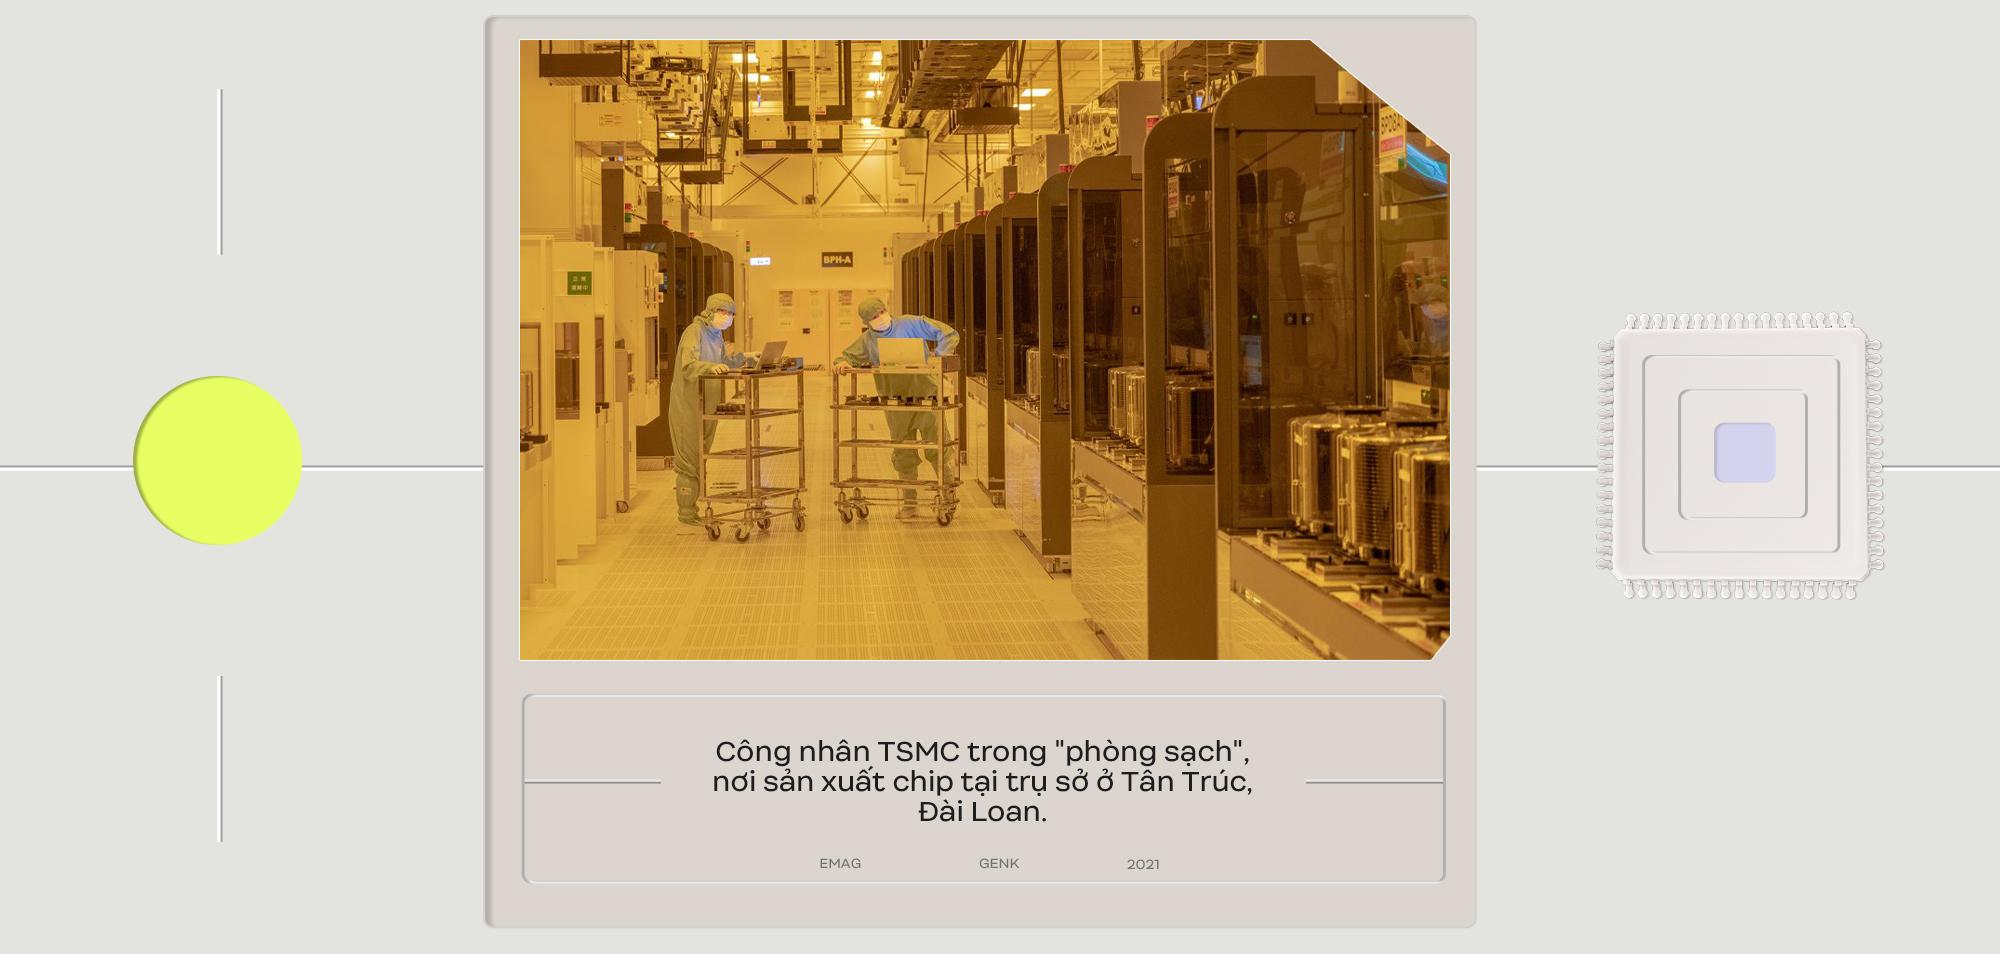 Những câu chuyện ít biết về TSMC - trung tâm của cuộc chạy đua công nghệ bán dẫn toàn cầu - Ảnh 1.